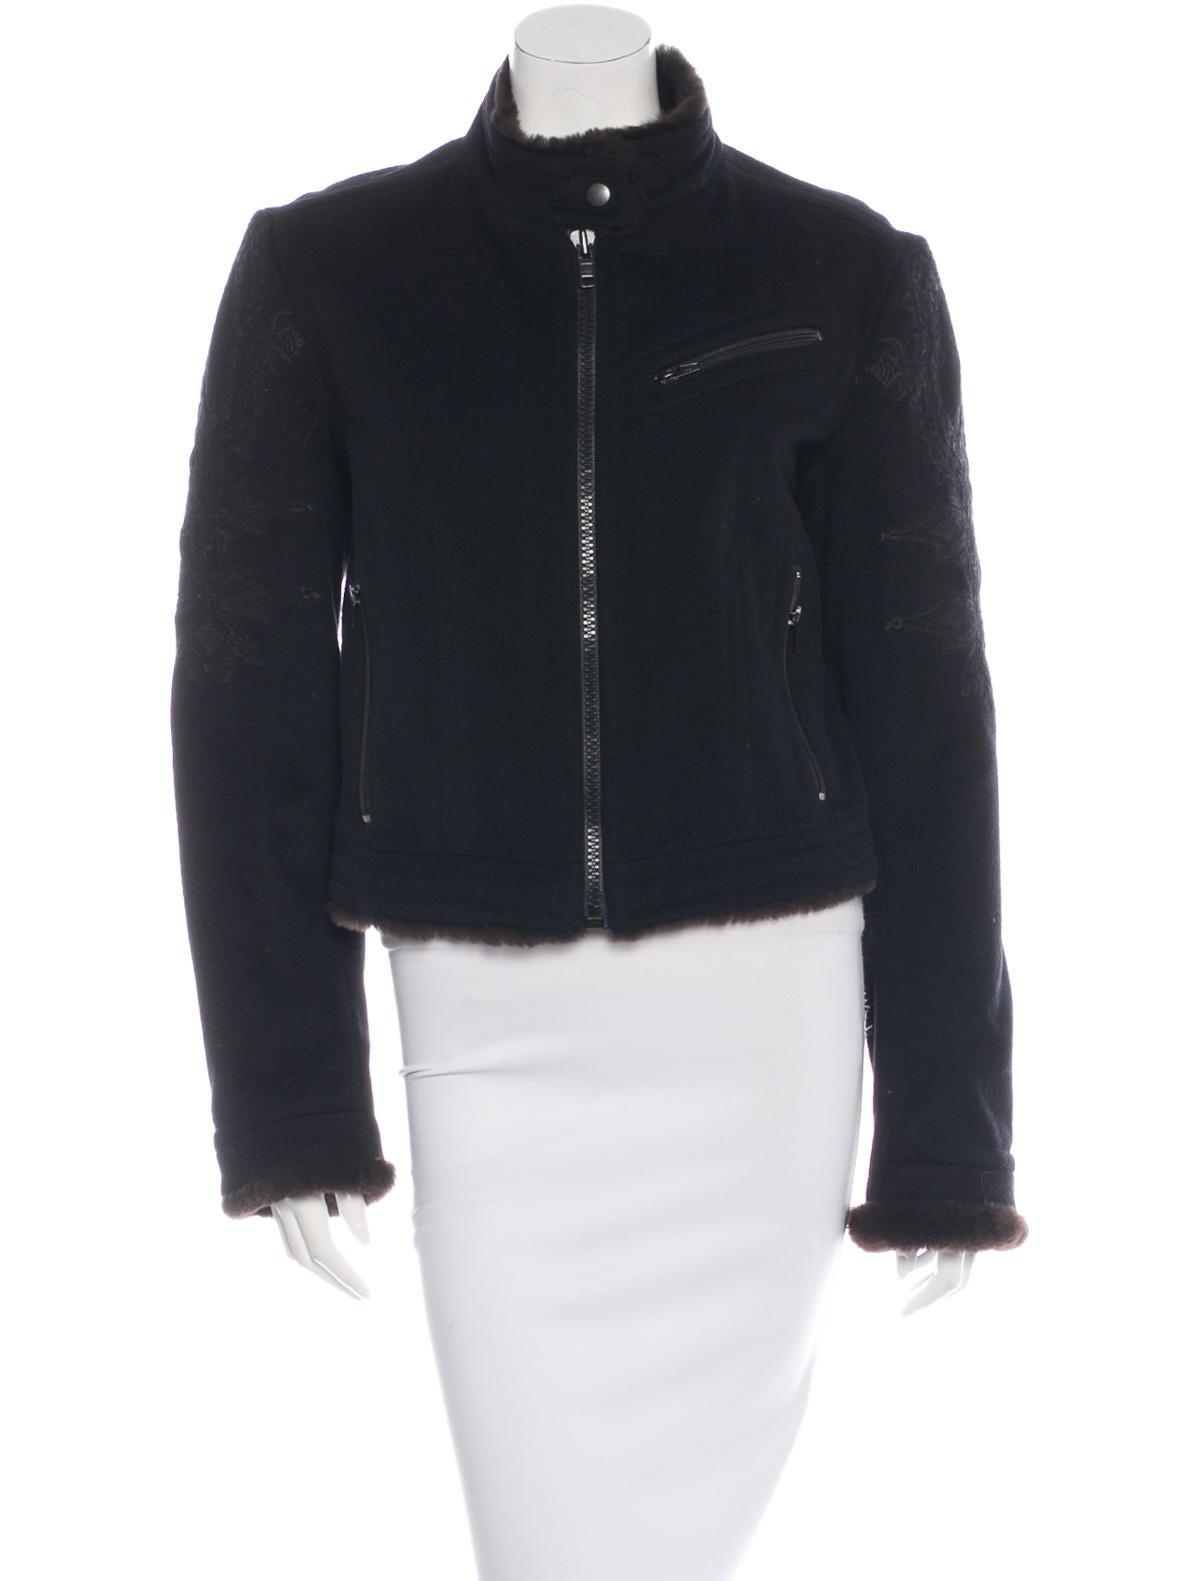 Dries van noten fleece wool embroidered jacket clothing